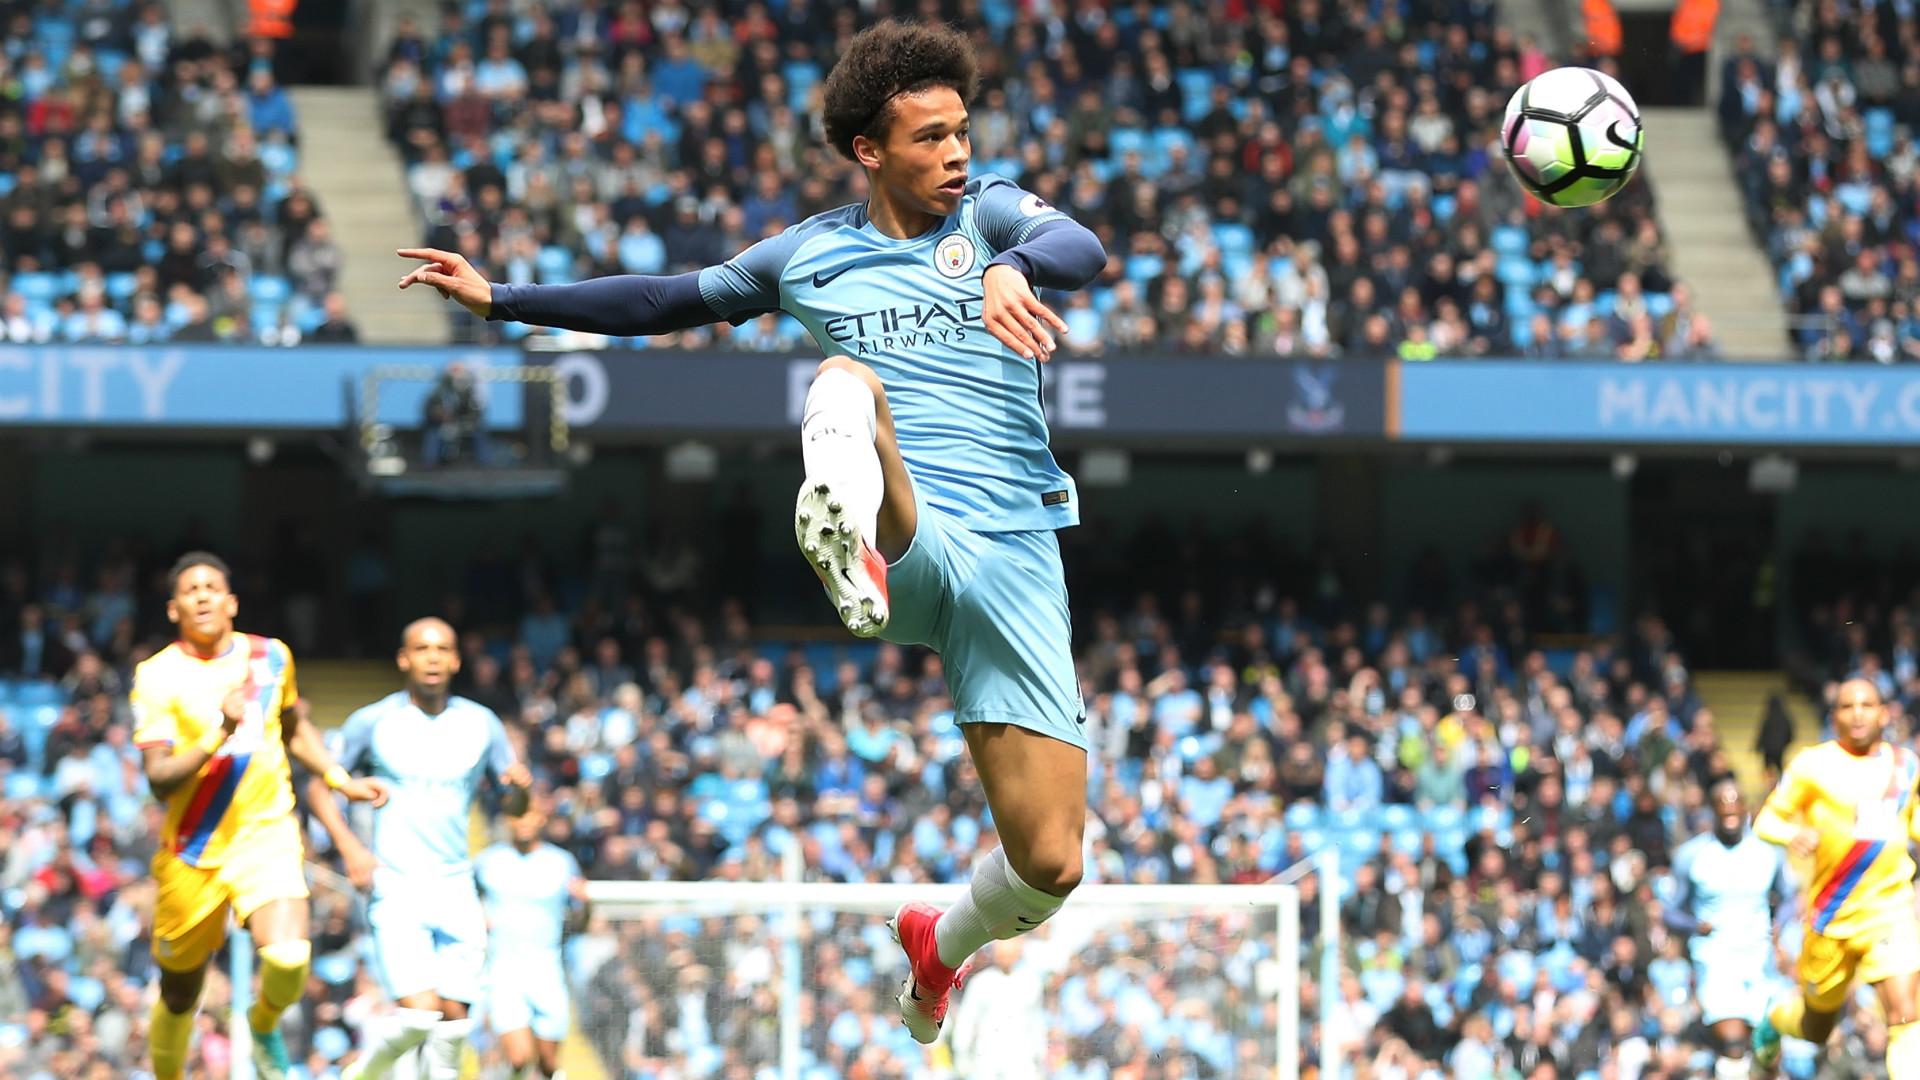 Leroy Sane Manchester City Premier League